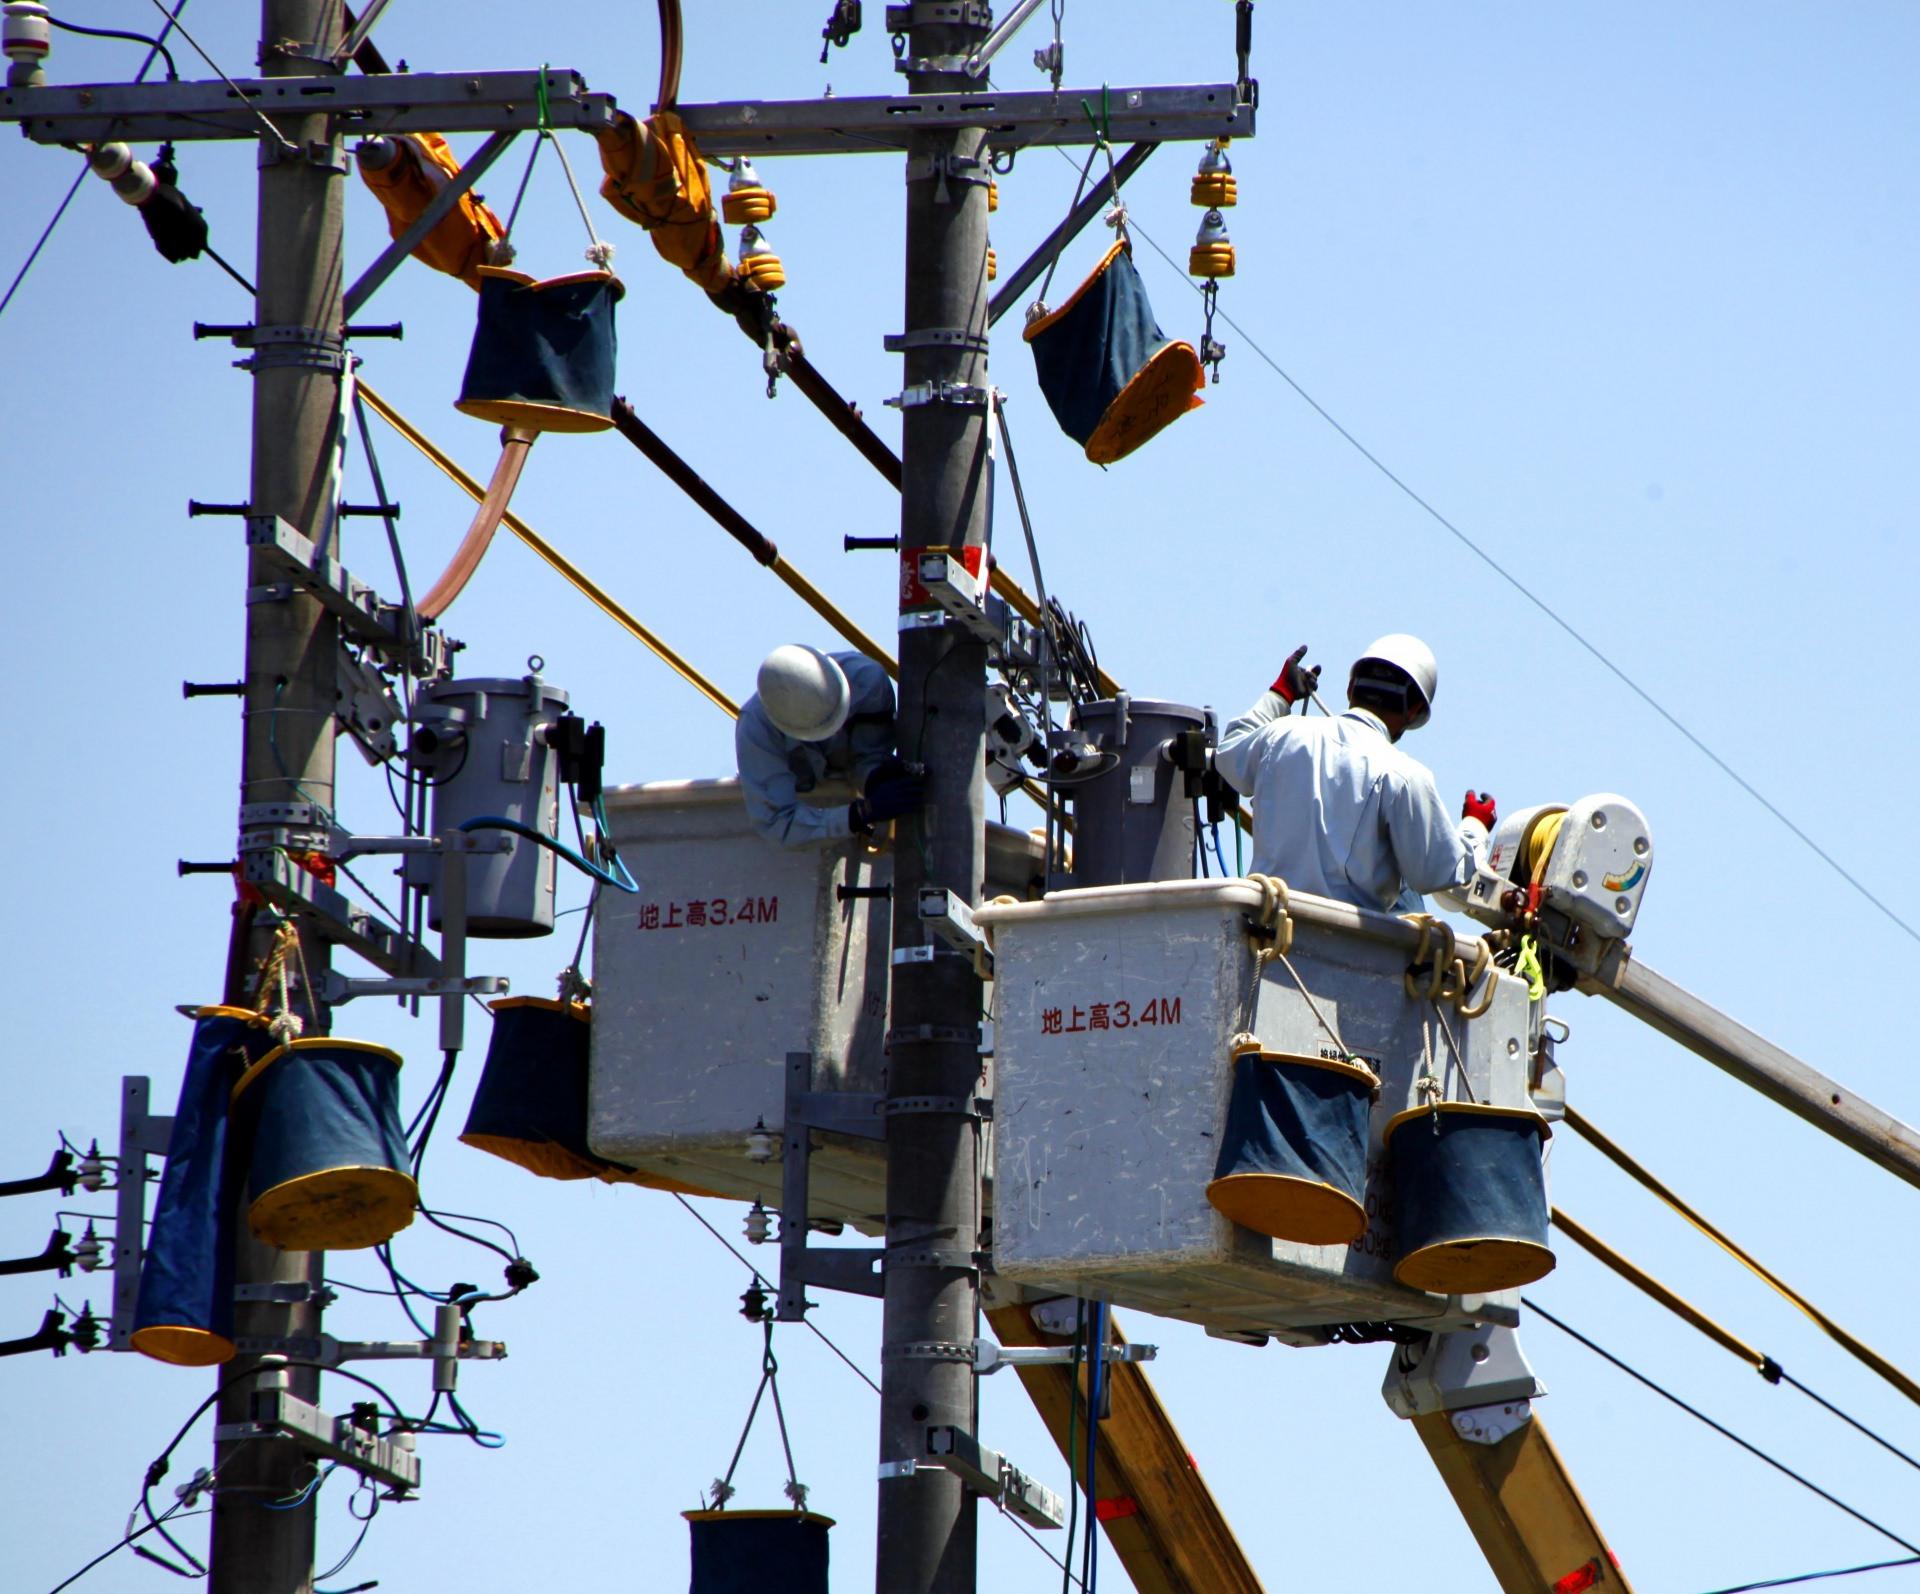 電気工事士と施工管理士の違い|電気工事士の年収と仕事内容は?のサムネイル画像